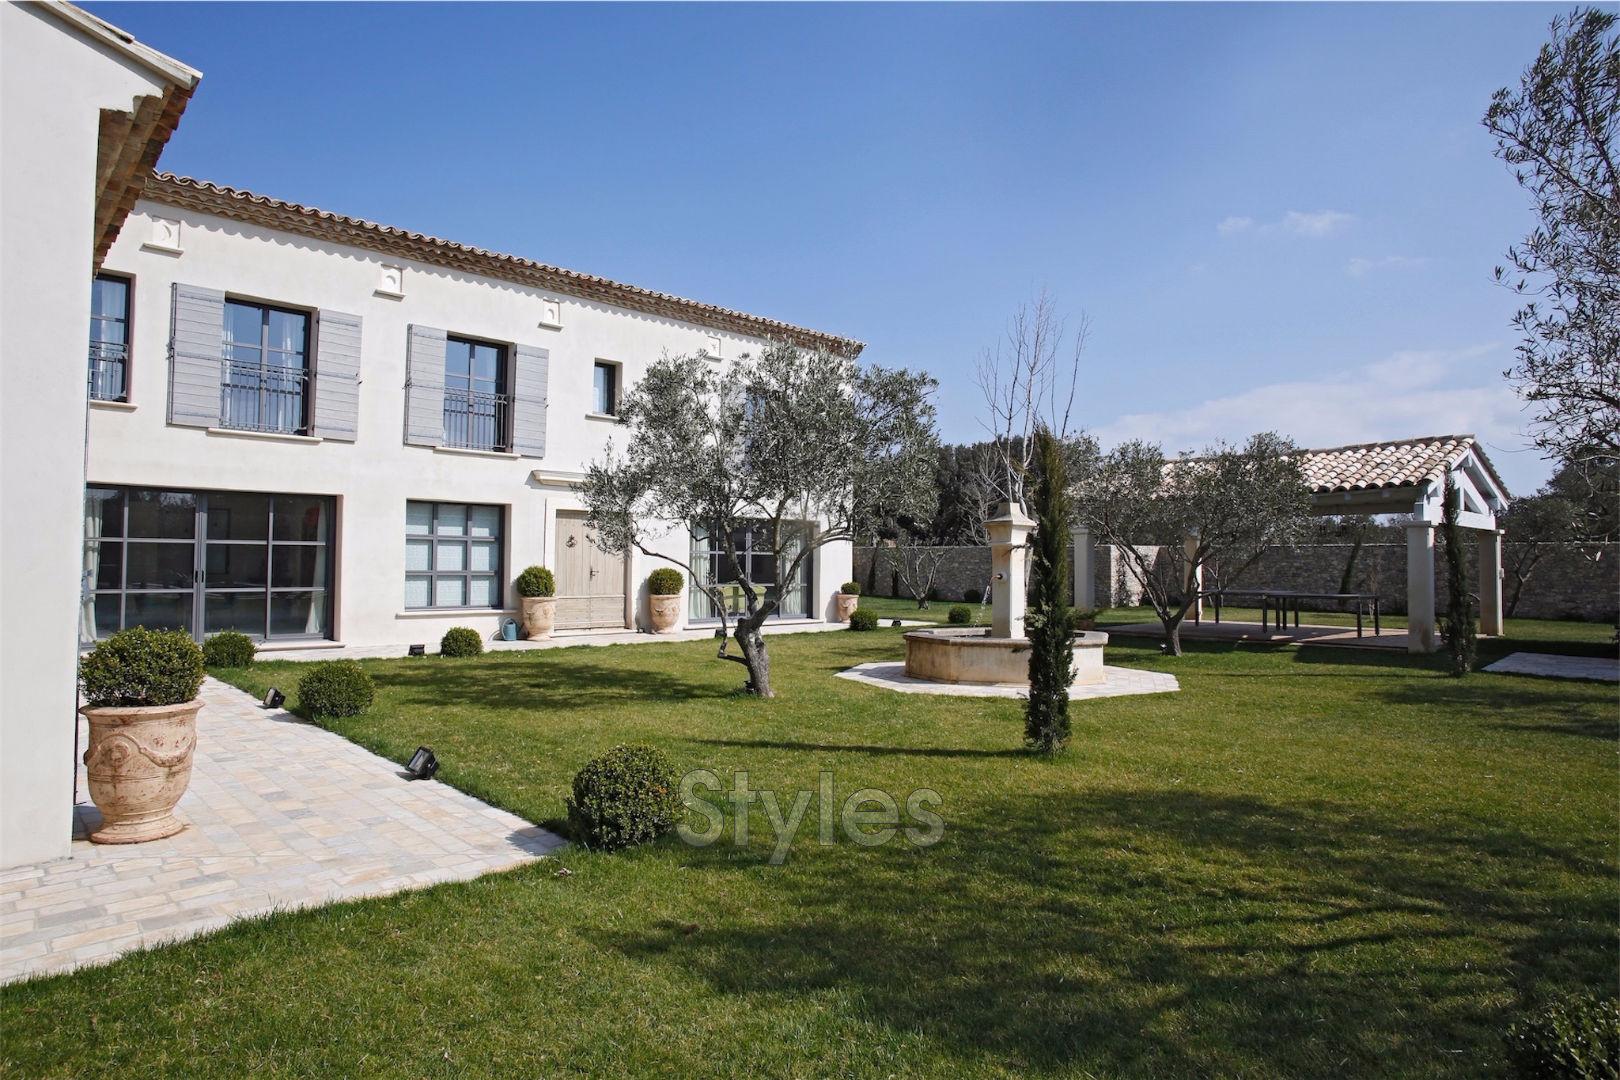 Vente maison demeure de prestige uz s 30700 1 643 000 for Achat maison uzes